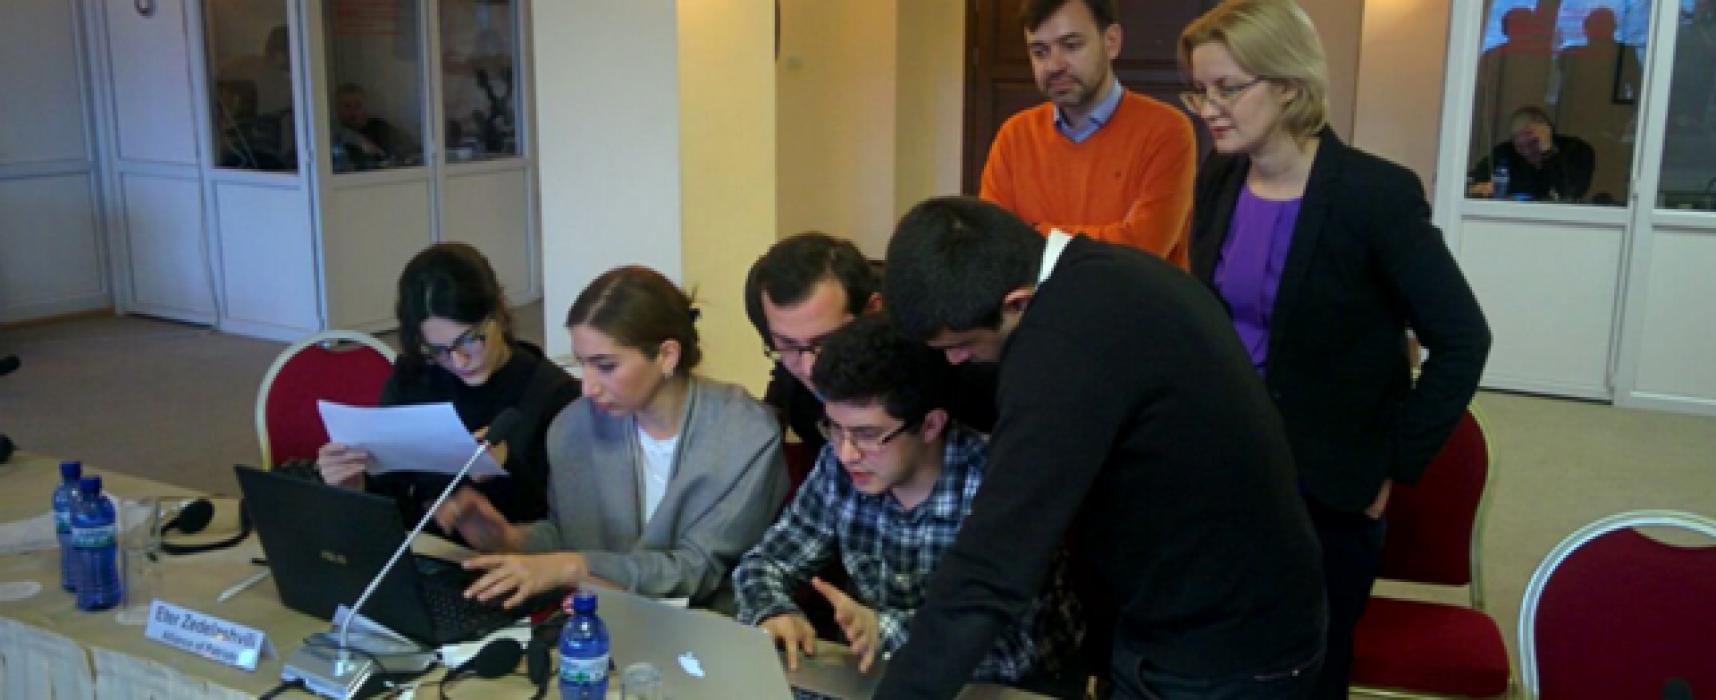 Фактчекинговый тренинг для политиков Грузии, Армении и Азербайджана